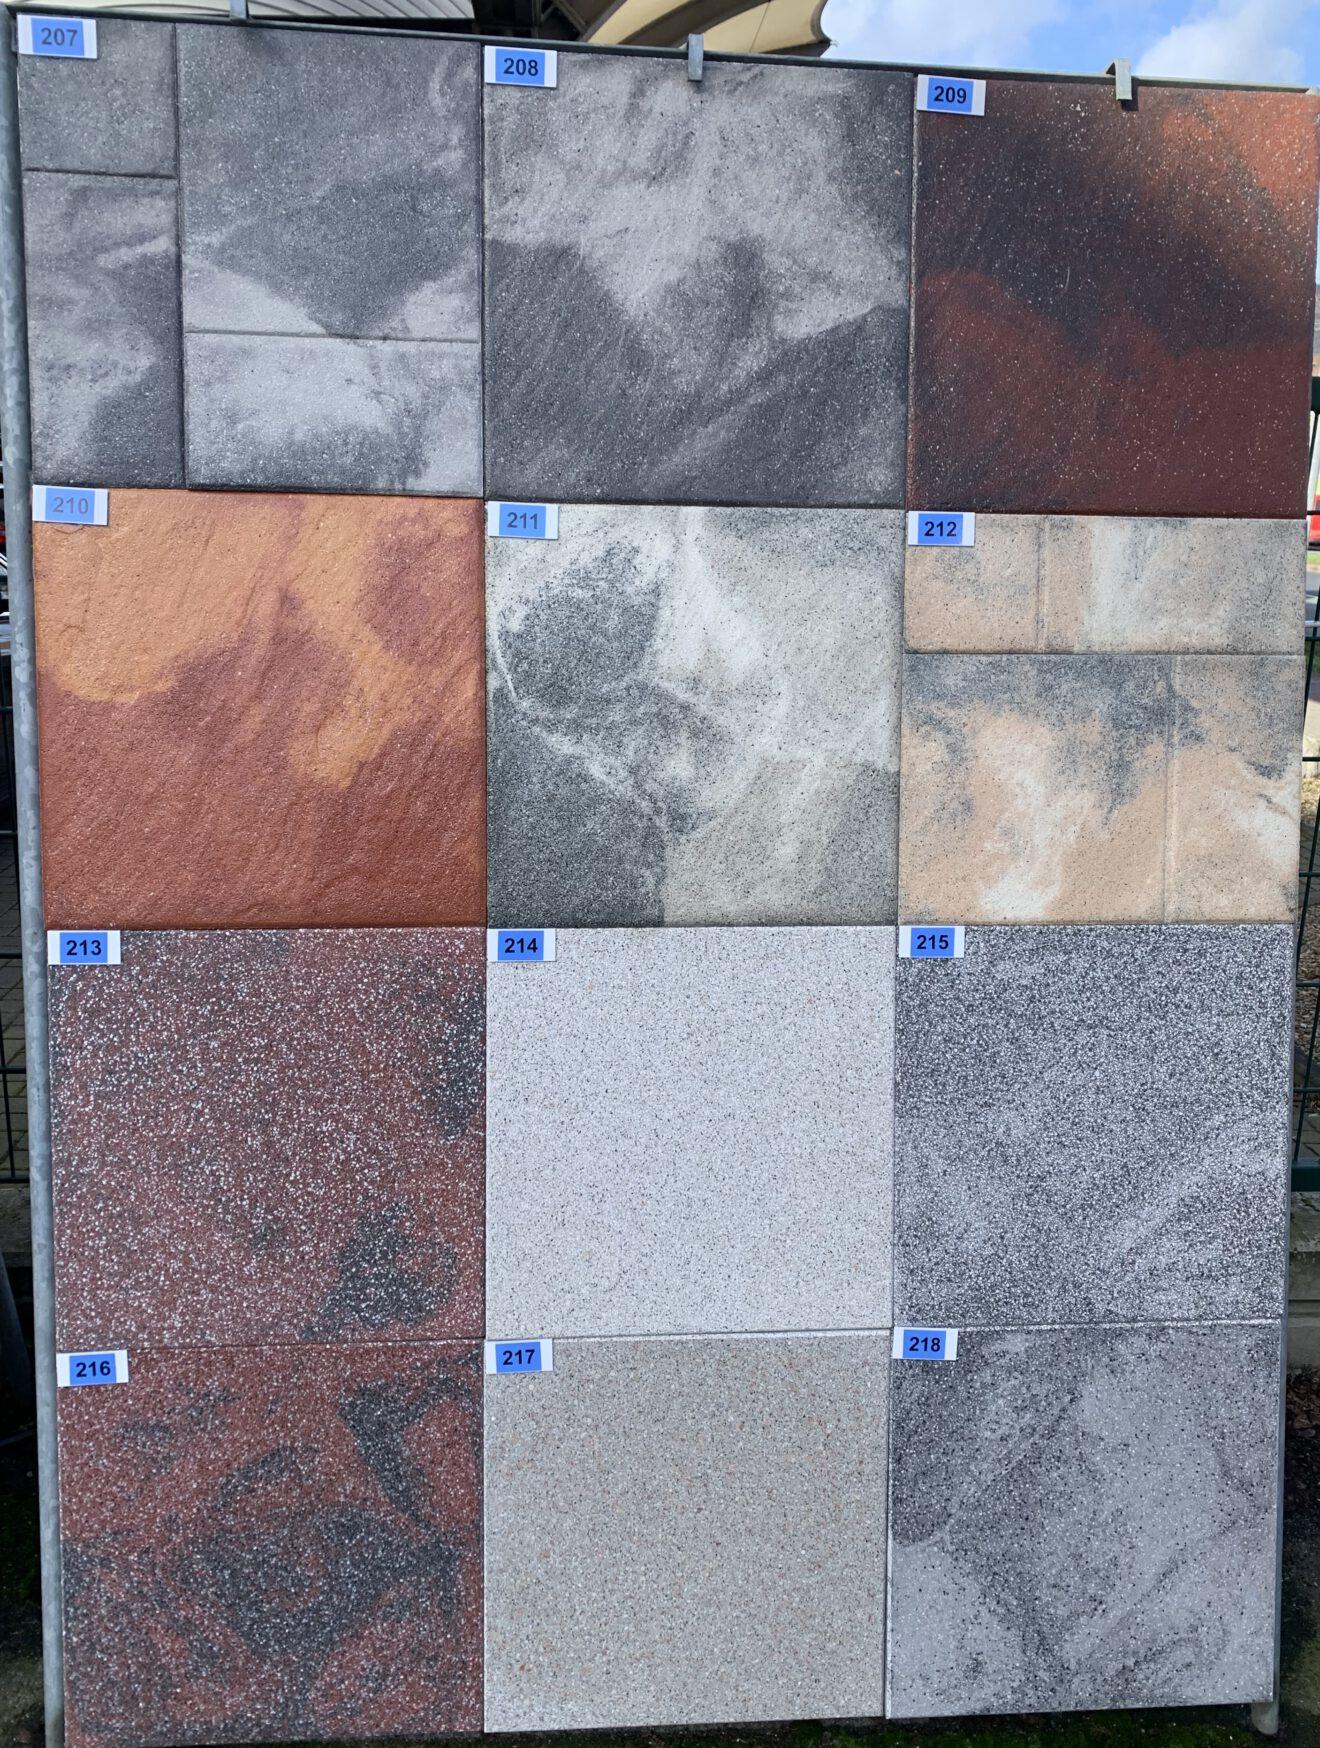 Terrassenplatte Novagranit Birmingham bei Stolzenbach Baustoffe in Bremen kaufen